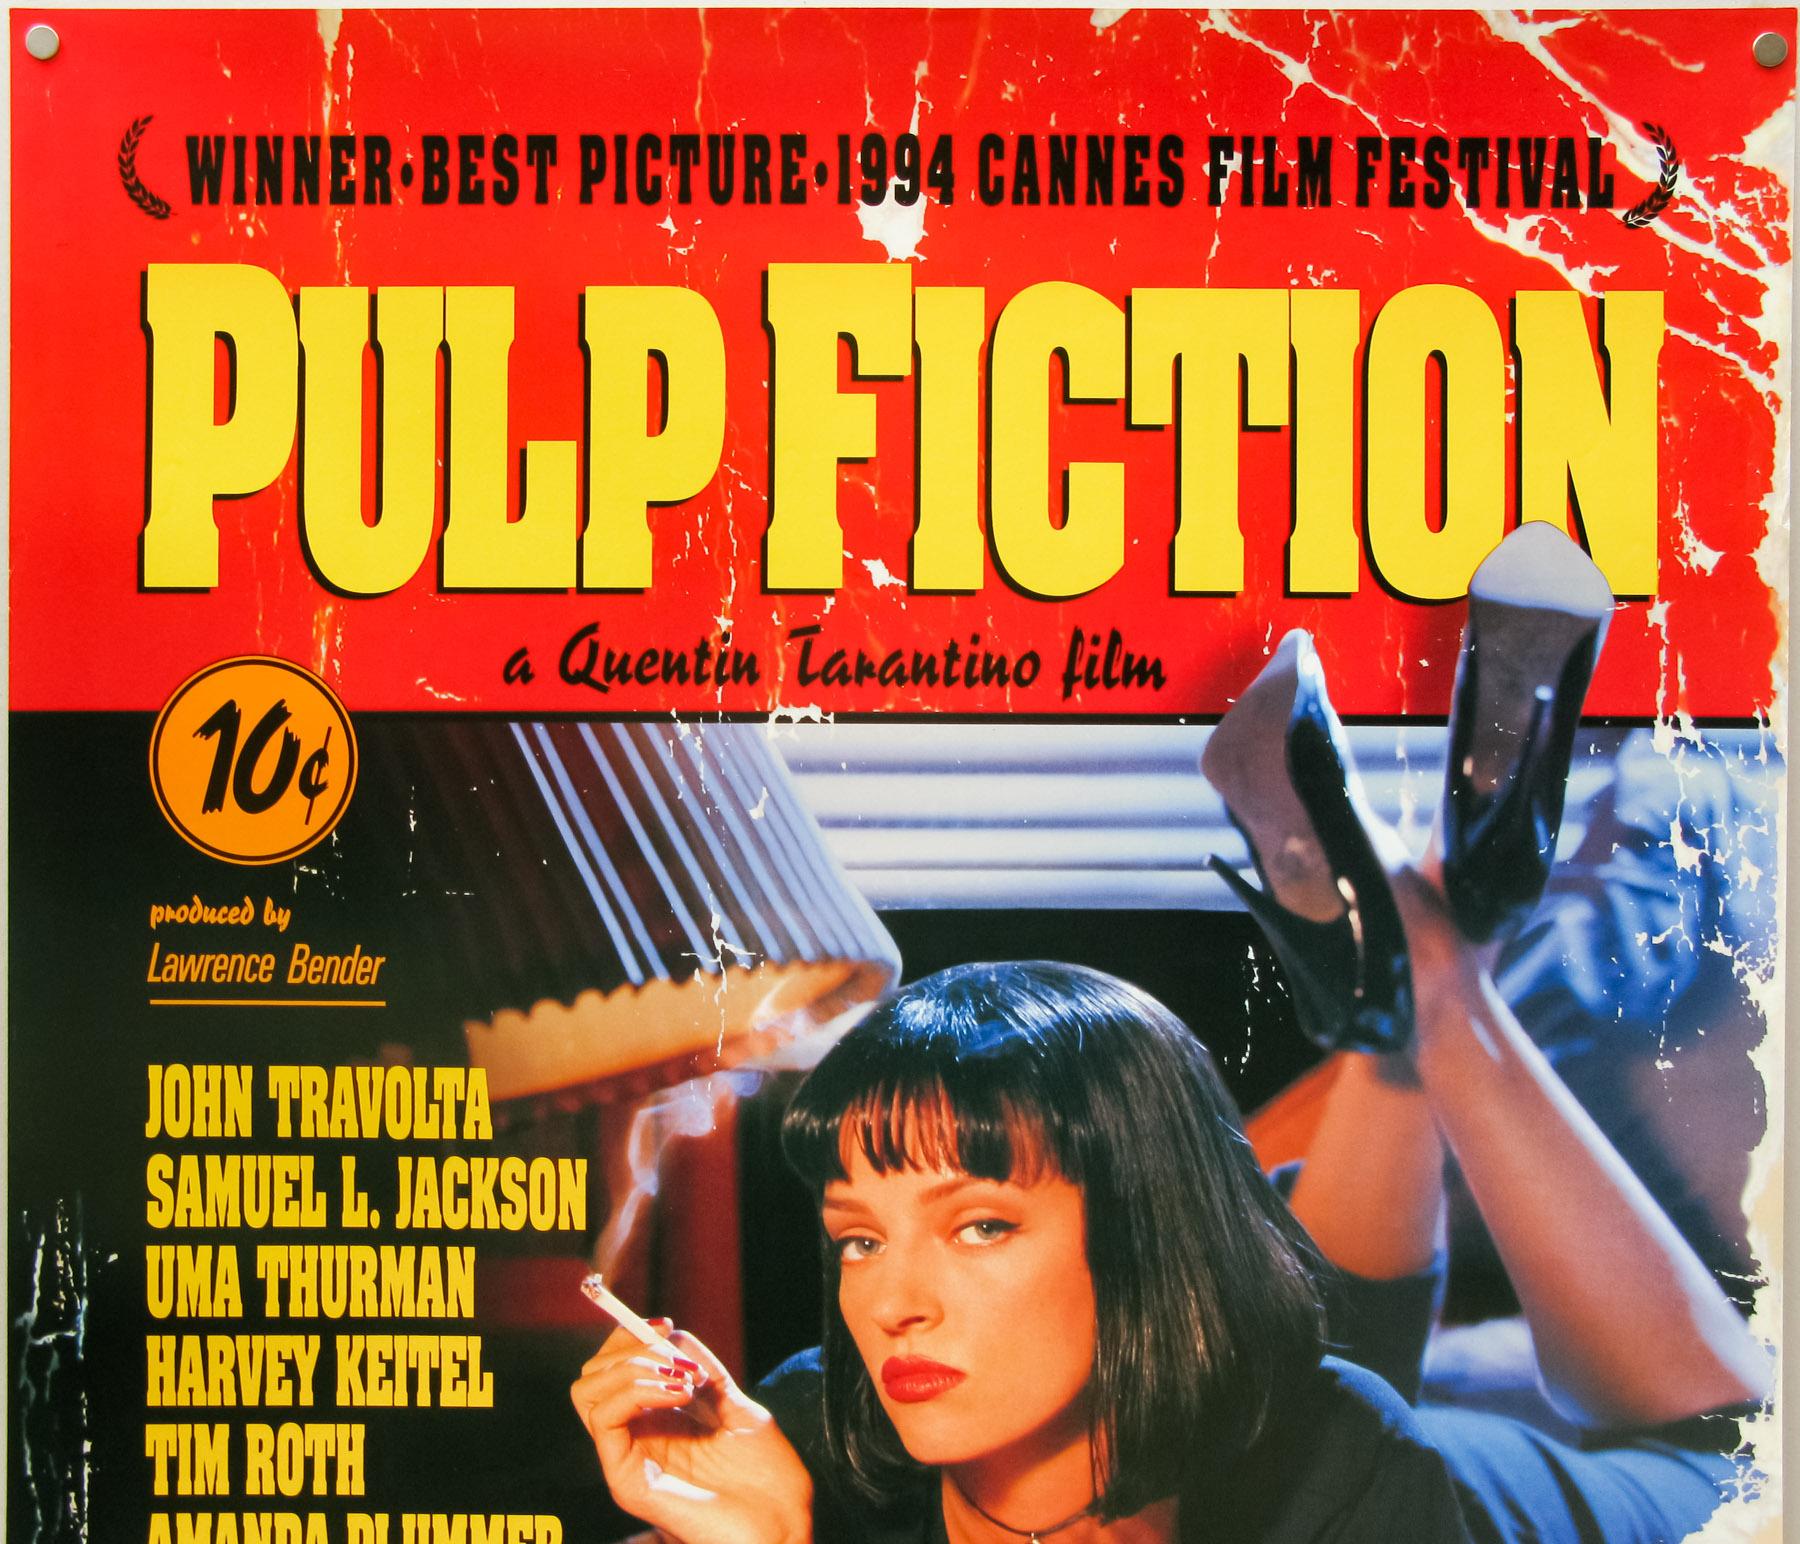 Pulp Fiction / one sheet / final / USA